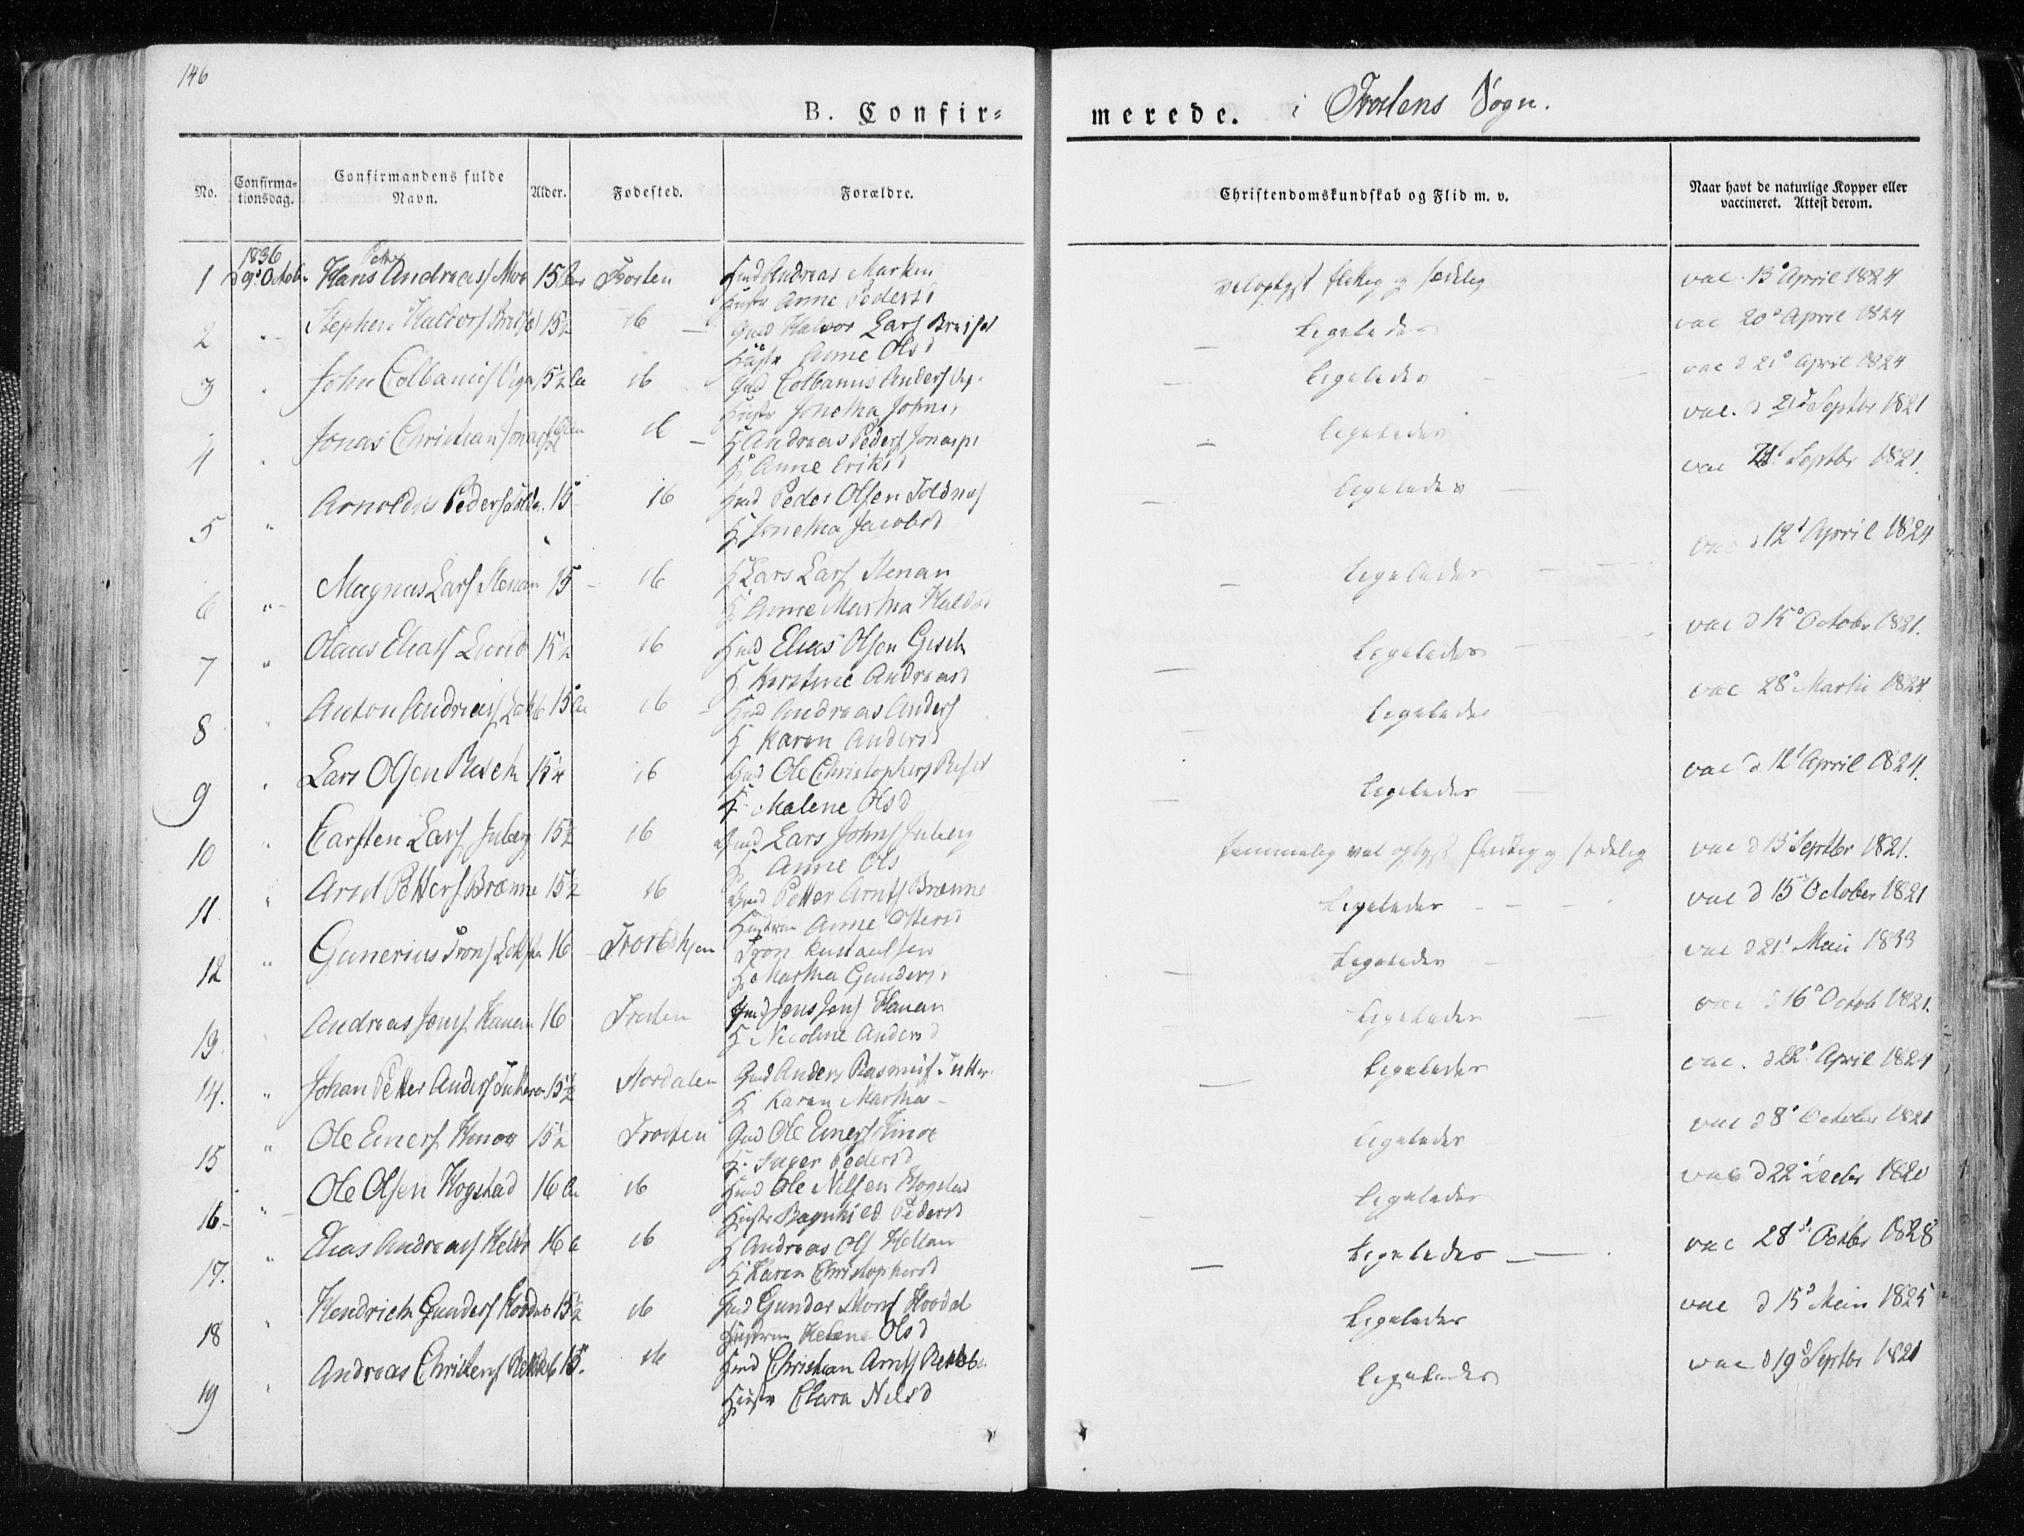 SAT, Ministerialprotokoller, klokkerbøker og fødselsregistre - Nord-Trøndelag, 713/L0114: Ministerialbok nr. 713A05, 1827-1839, s. 146